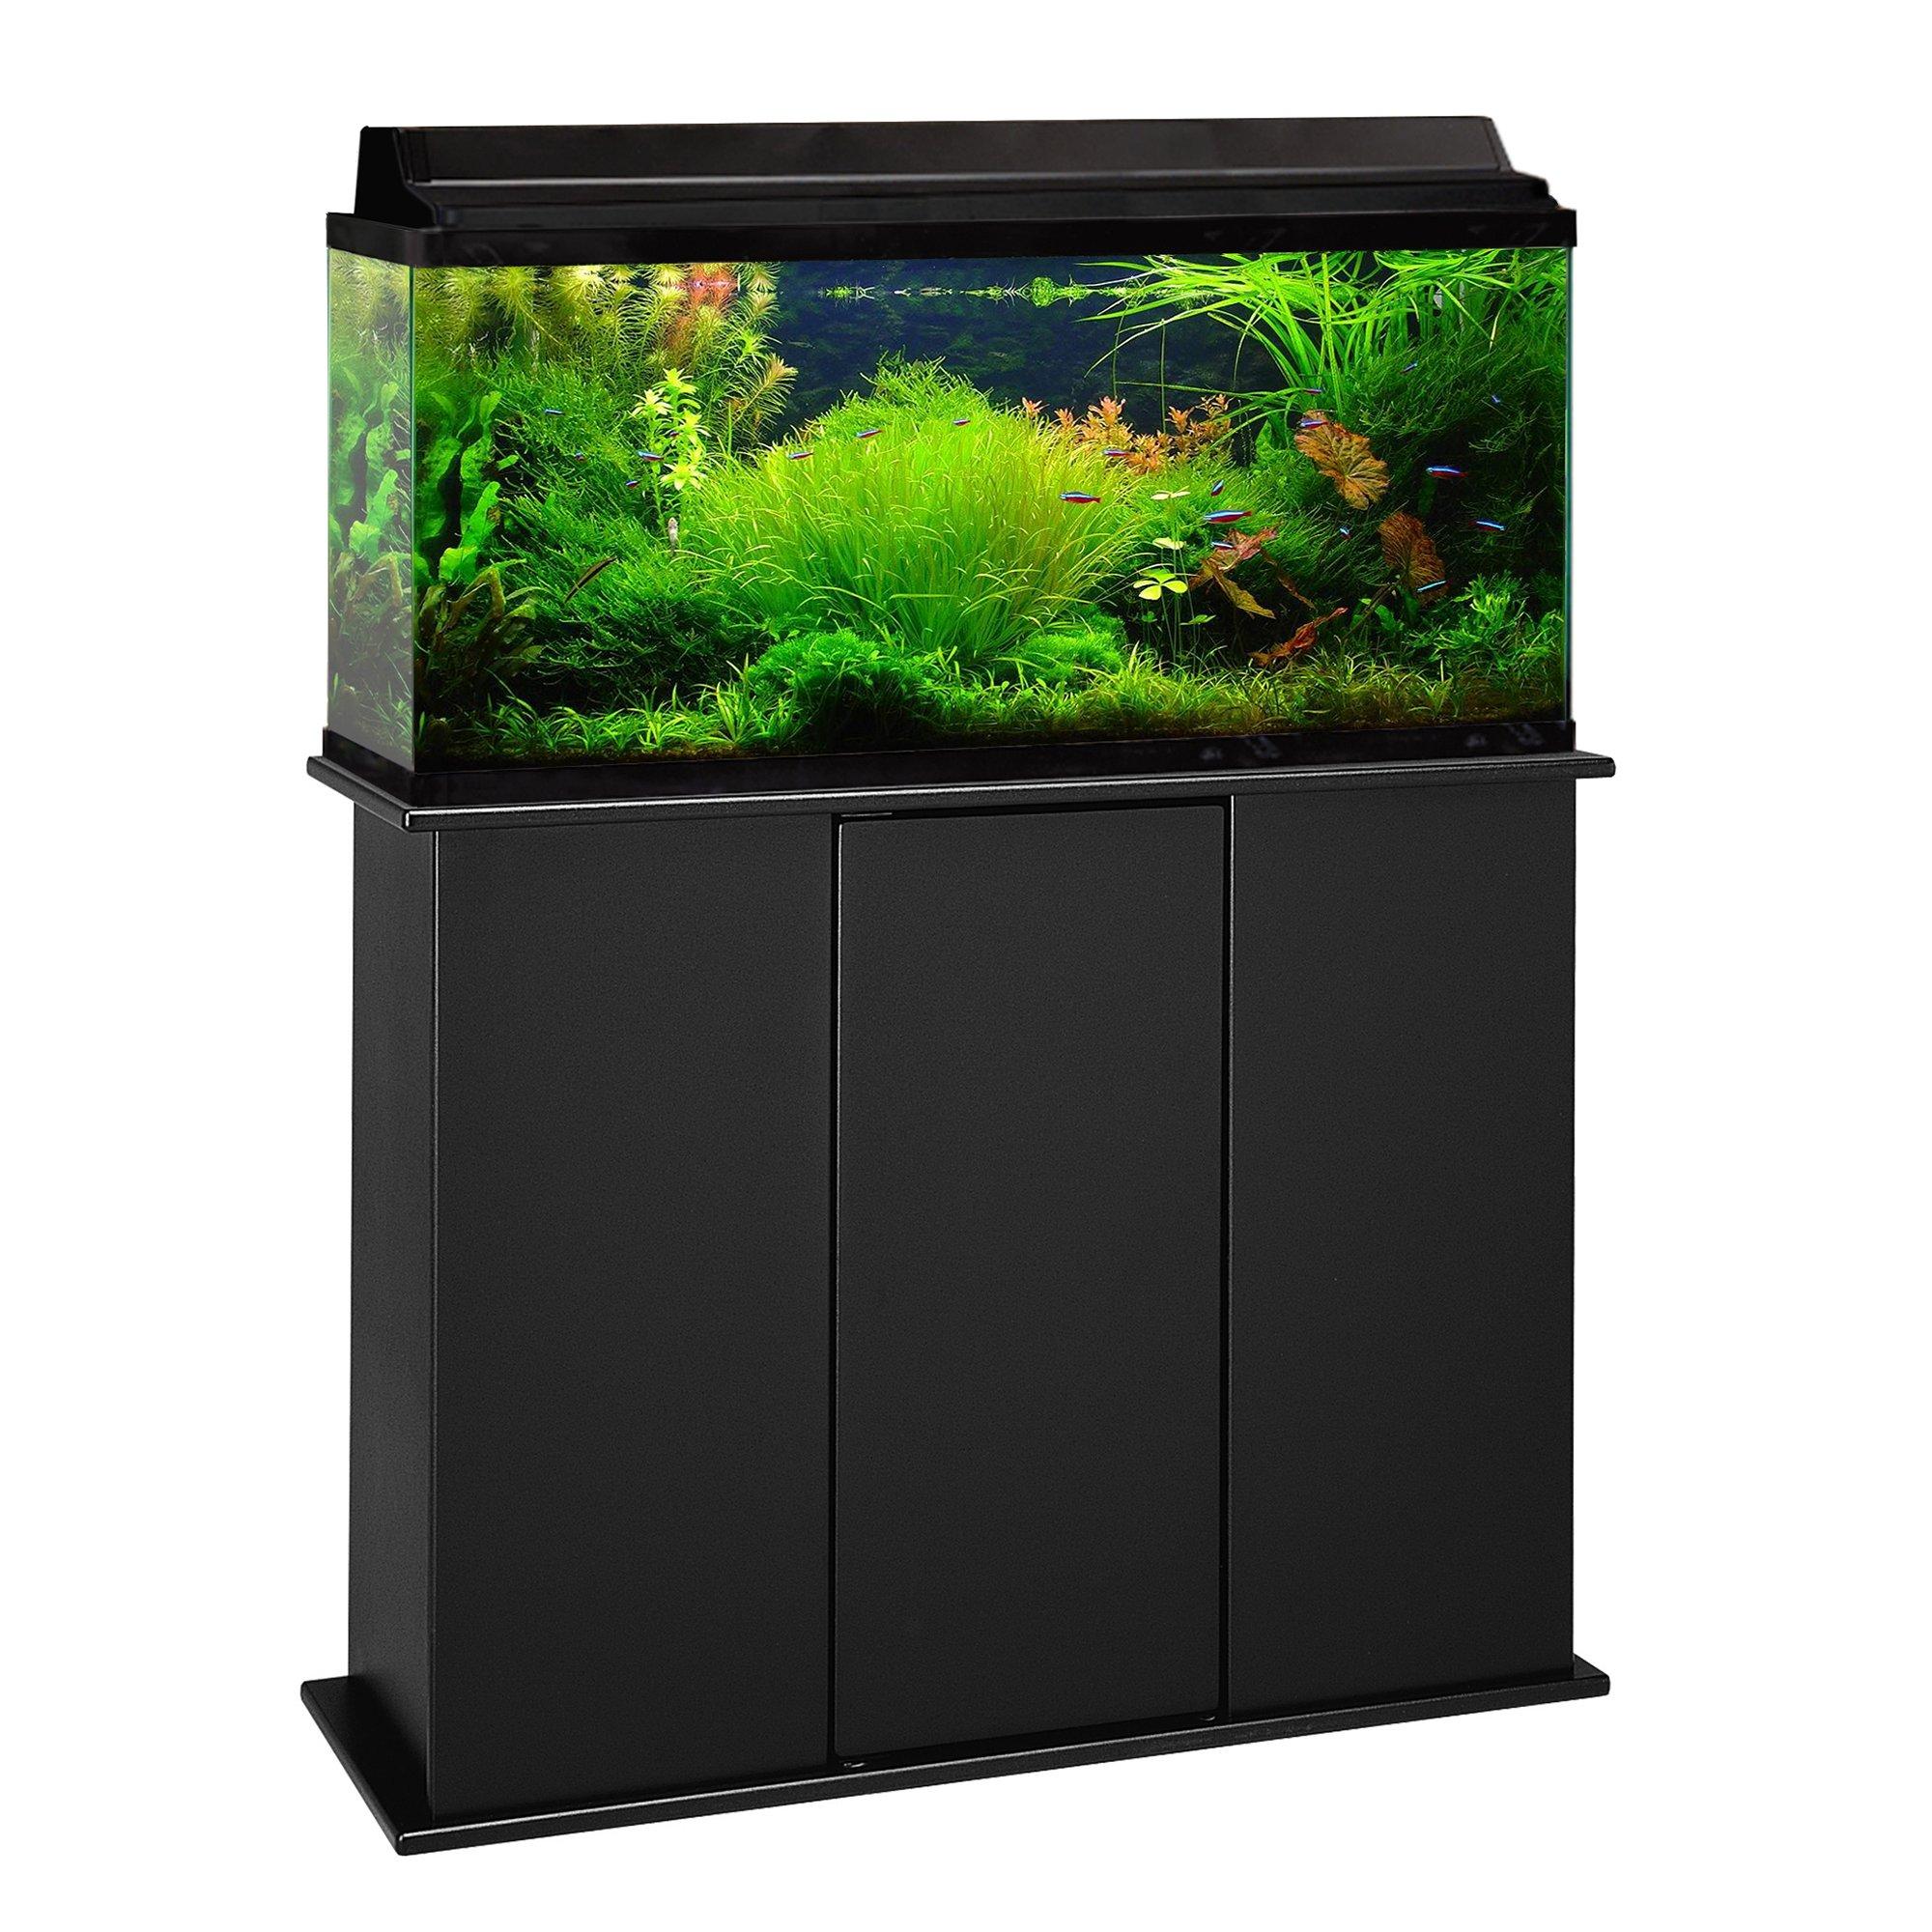 Aquatic fundamentals 30 38 45 gallon upright aquarium for Fish tank and stand